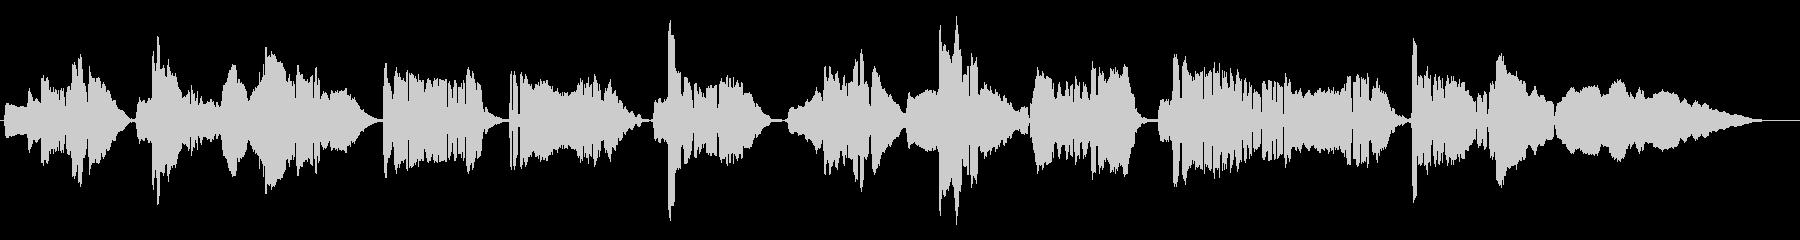 ピアニカとサックスのデュオの未再生の波形